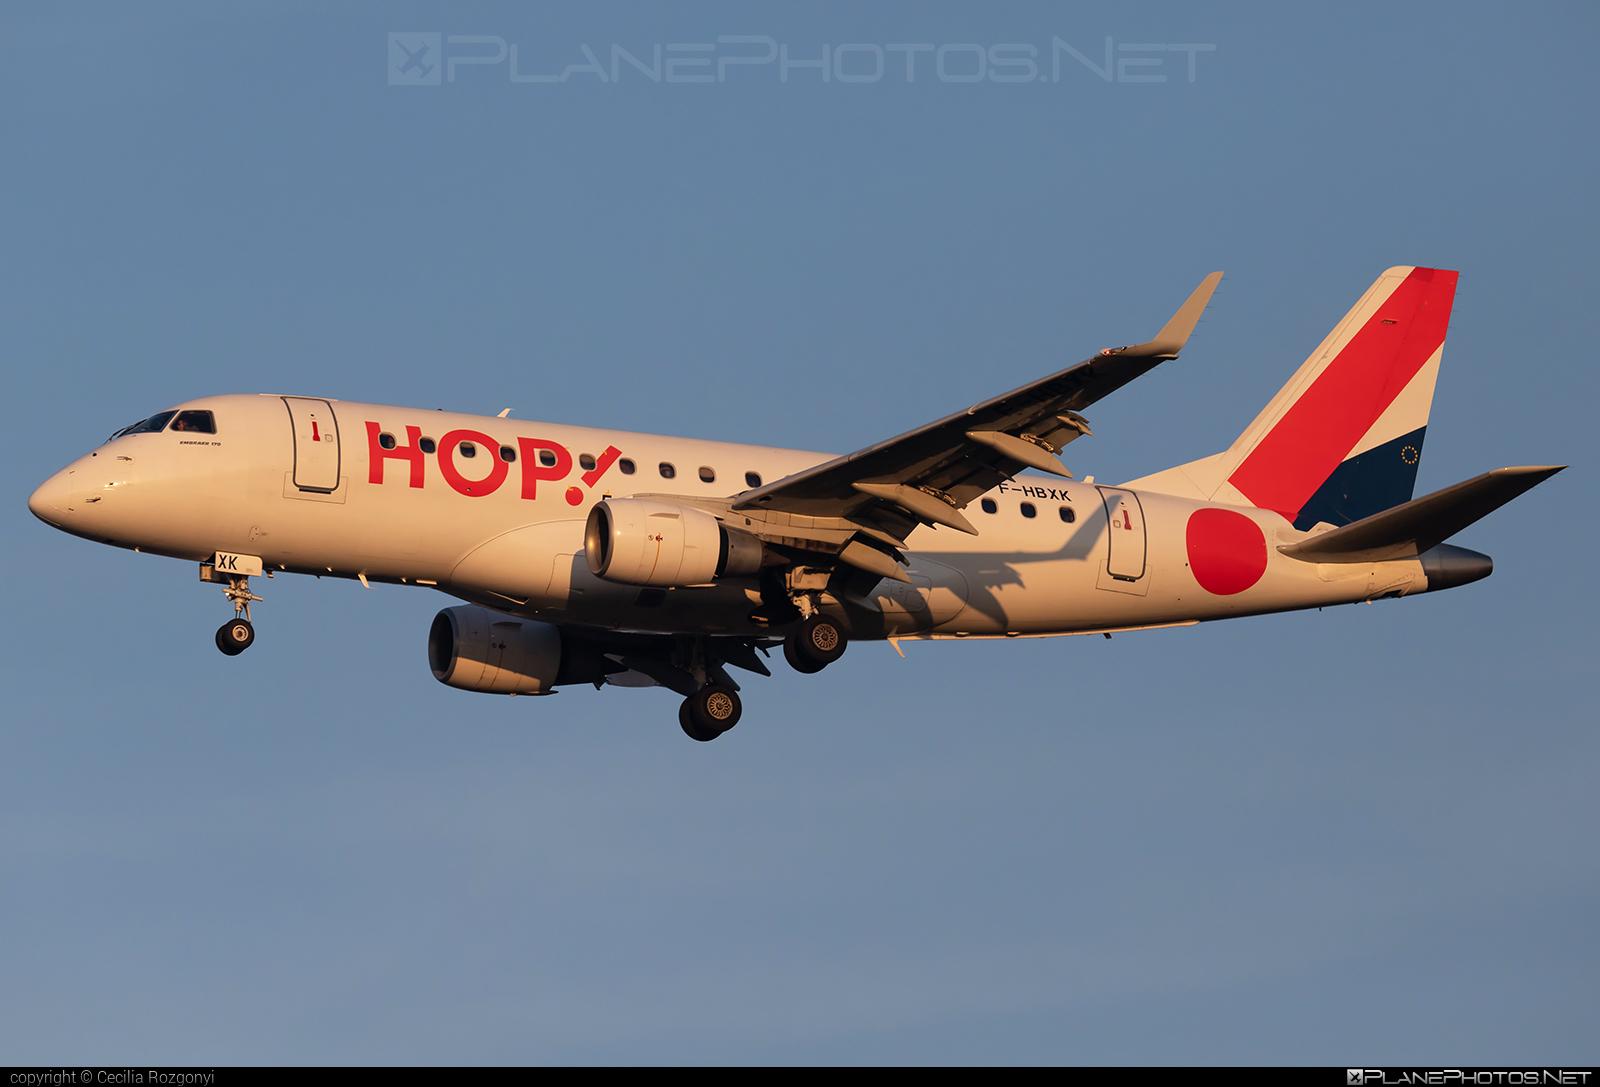 Embraer E170LR (ERJ-170-100LR) - F-HBXK operated by HOP! #e170 #embraer #embraer170 #embraer170lr #erj170 #erj170100 #erj170100lr #erj170lr #hopairlines